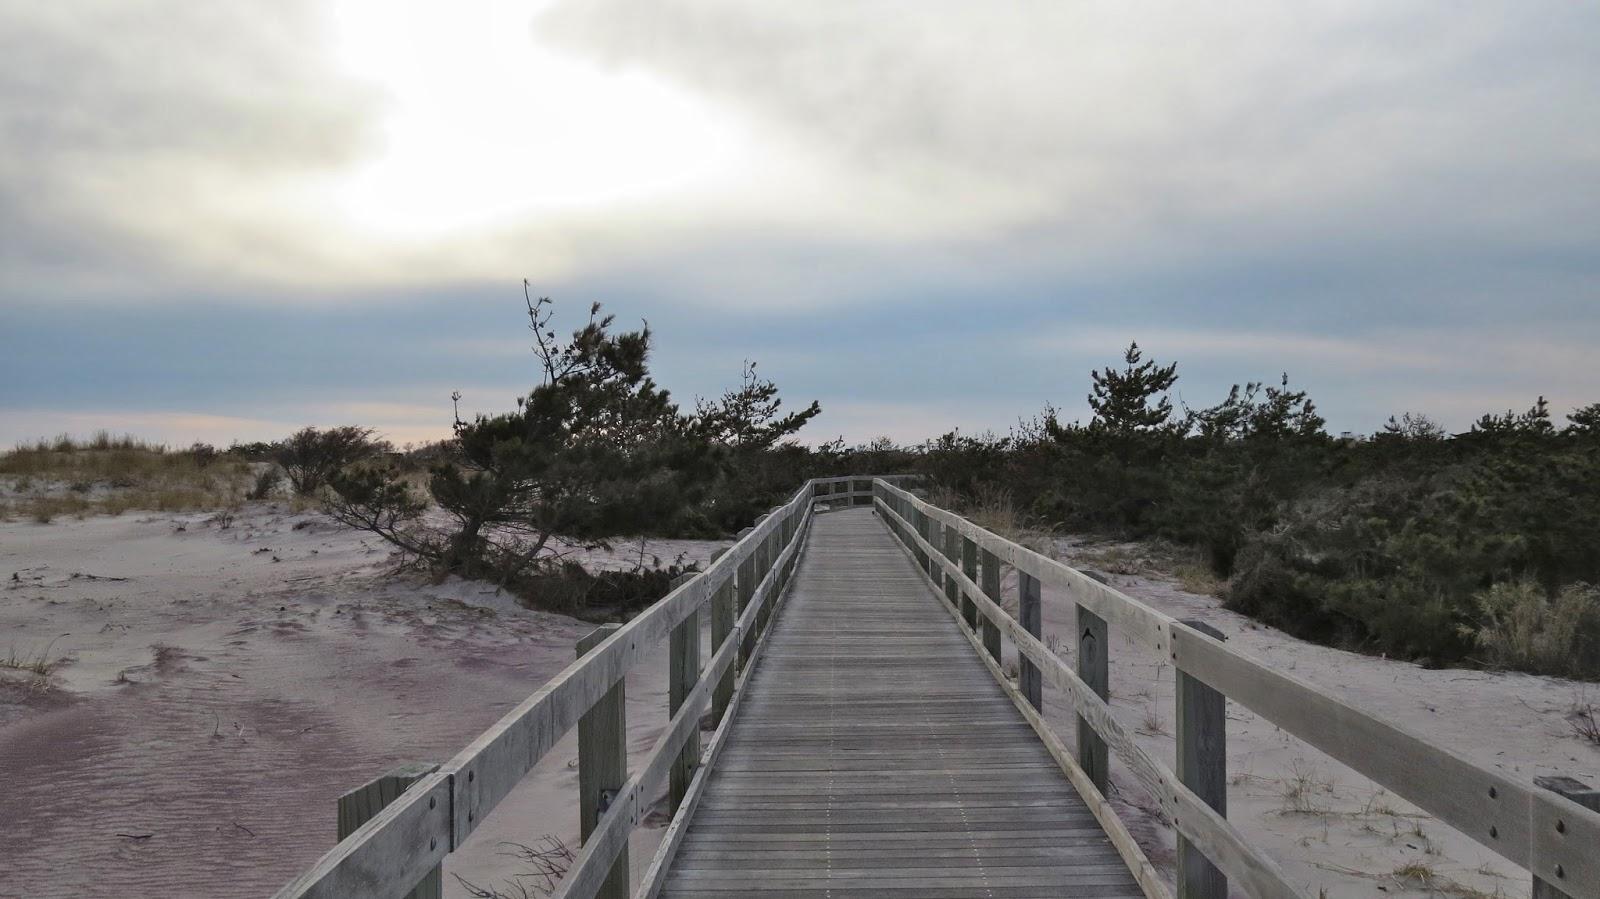 Fire-Island-Boardwalk-in-Early-Spring